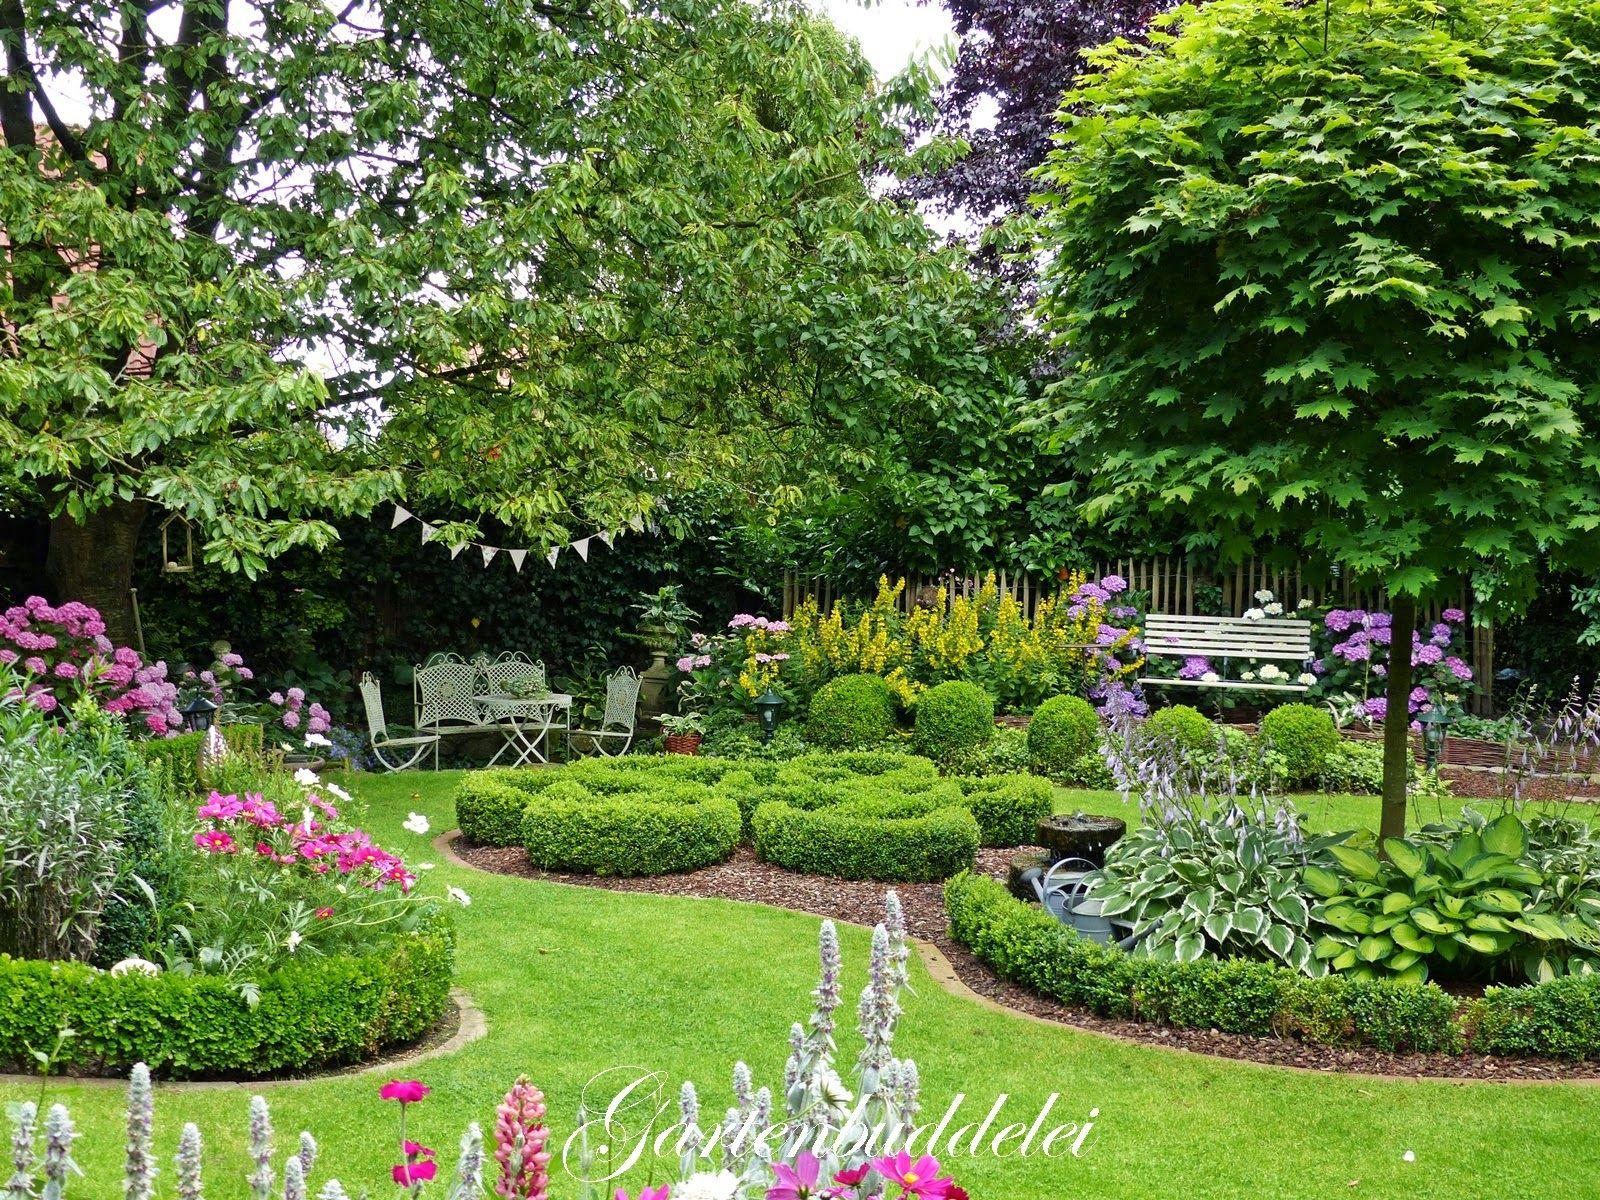 Gartenbuddelei Kleiner Gartenrundgang Mein Traumgarten